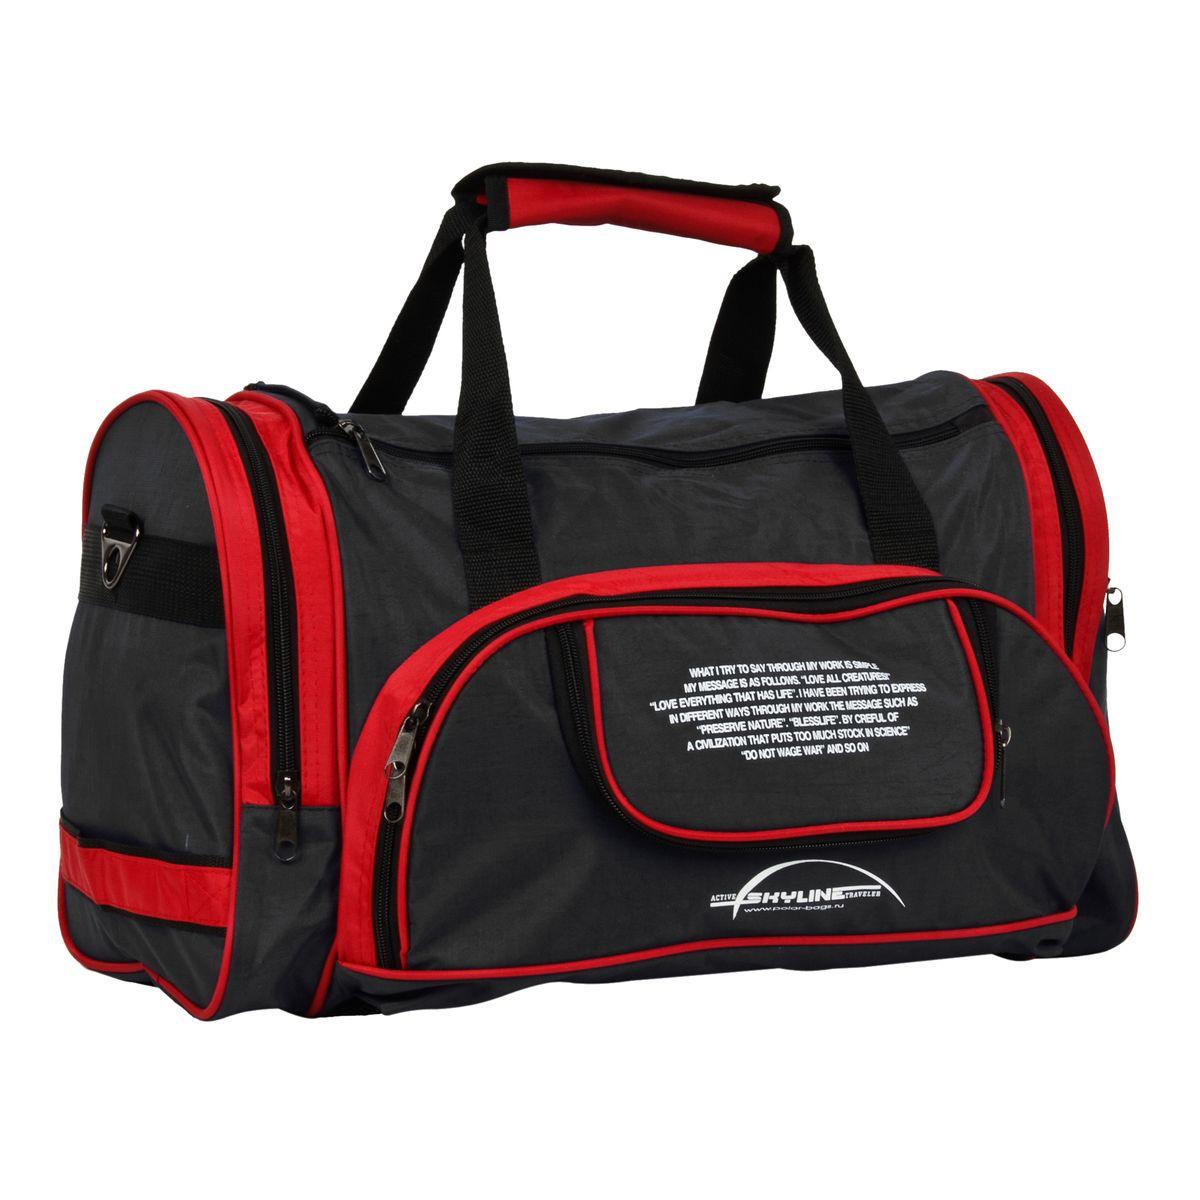 Сумка спортивная Polar, цвет: черный, красный, 37,5 л. 60656065_черный, красныйМатериал – полиэстер с водоотталкивающей пропиткой. Вместительная спортивная сумка среднего размера. Одно отделение. Два боковых кармана и два кармана на передней части. В комплект входит съемный плечевой ремень. Эта сумка идеально подойдет для спорта и отдыха. Спортивная сумка для ваших вещей.